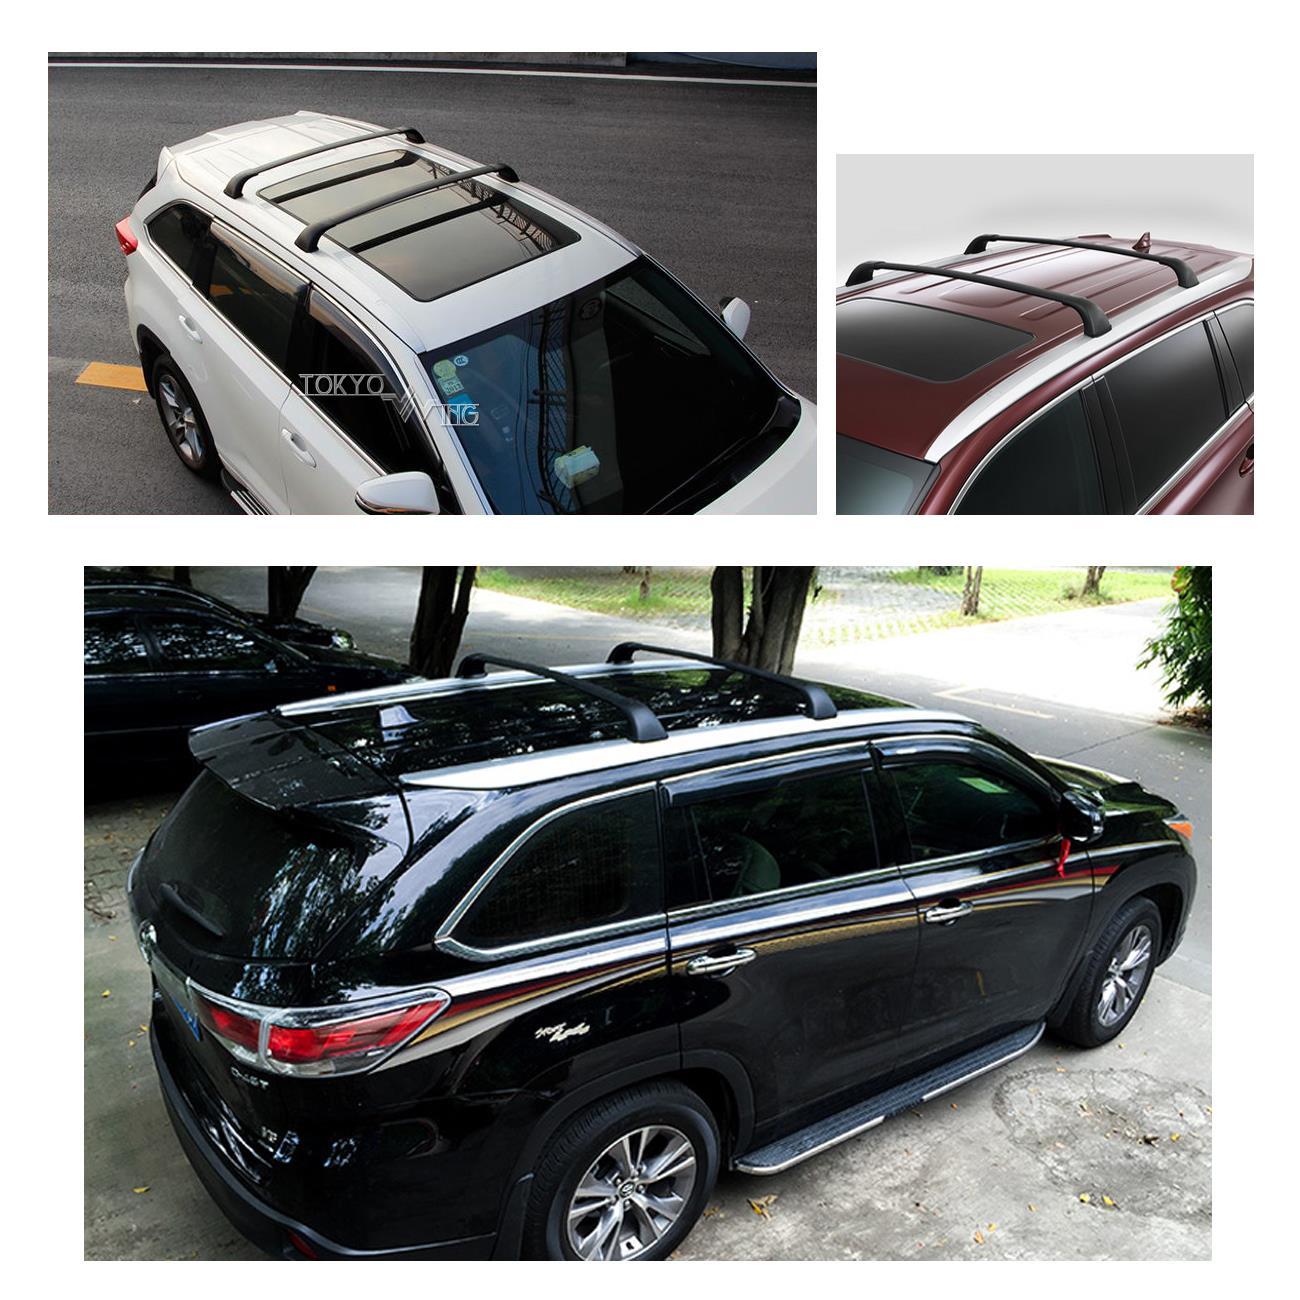 for 14 16 up toyota highlander xle top roof rack luggage. Black Bedroom Furniture Sets. Home Design Ideas